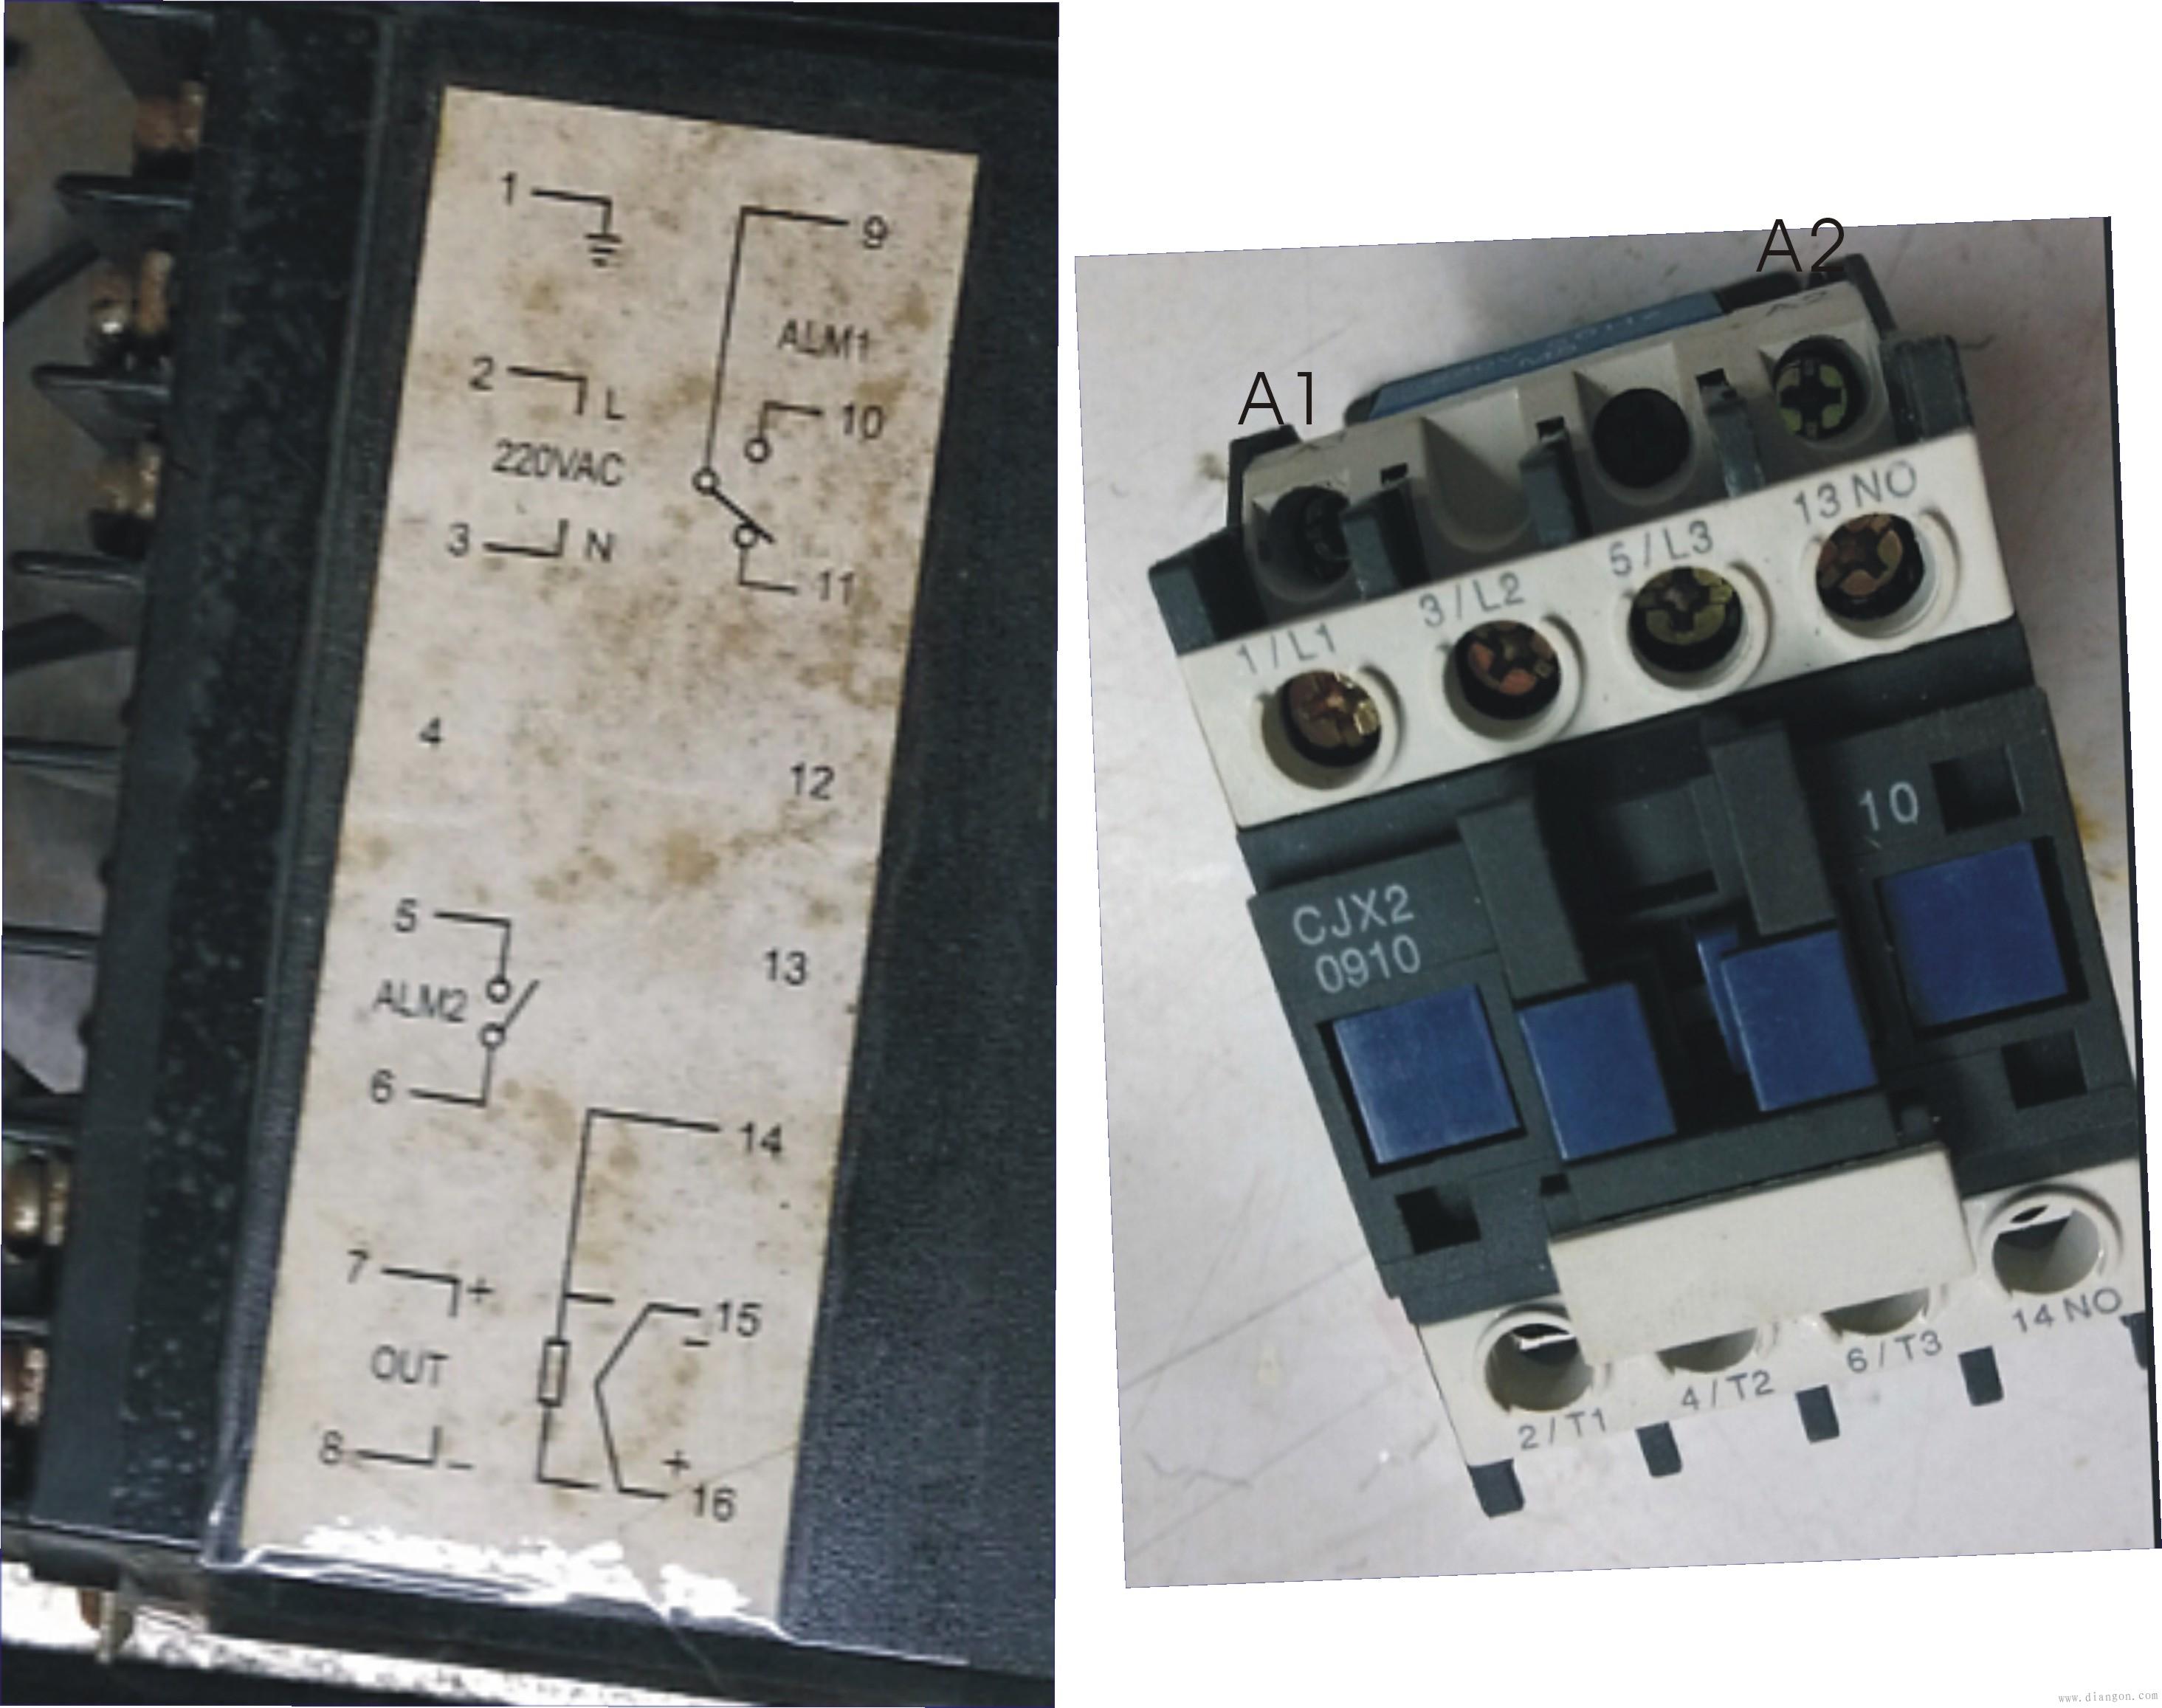 用cjx2-0910交流接触器和cnf-5161p温控器控制锡炉帮忙画接线图